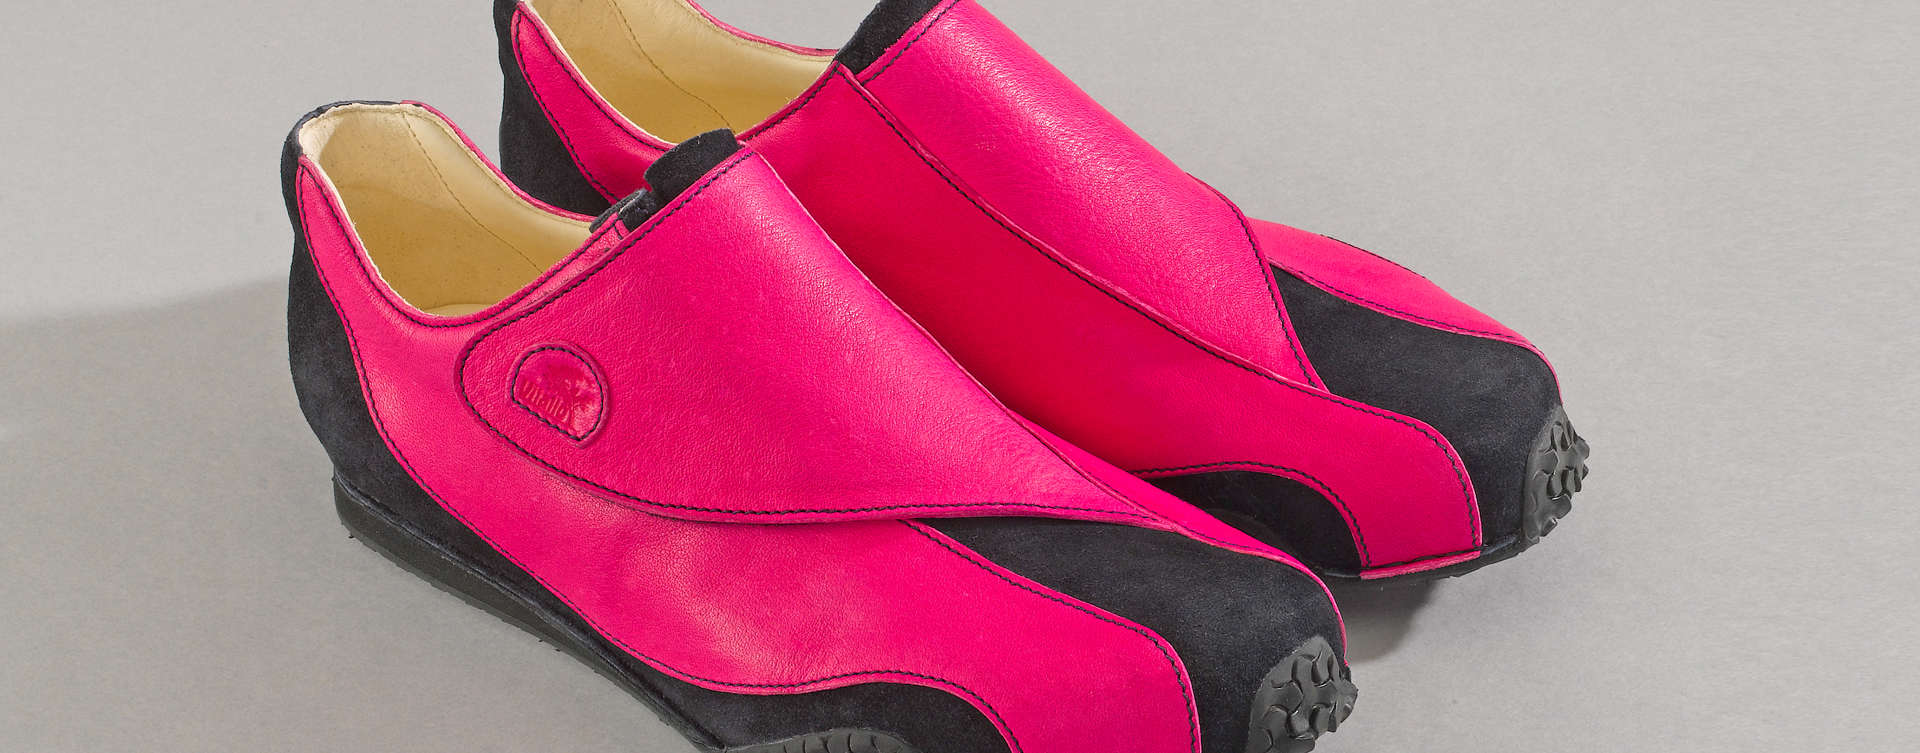 Impulse steht für die sinnbildliche Verschmelzung von Form und Funktion. So ist die harmonisch geschwungene Klettlasche nicht nur Mittel zum Zweck, sondern vielmehr tragendes Designelement des Sneakers.